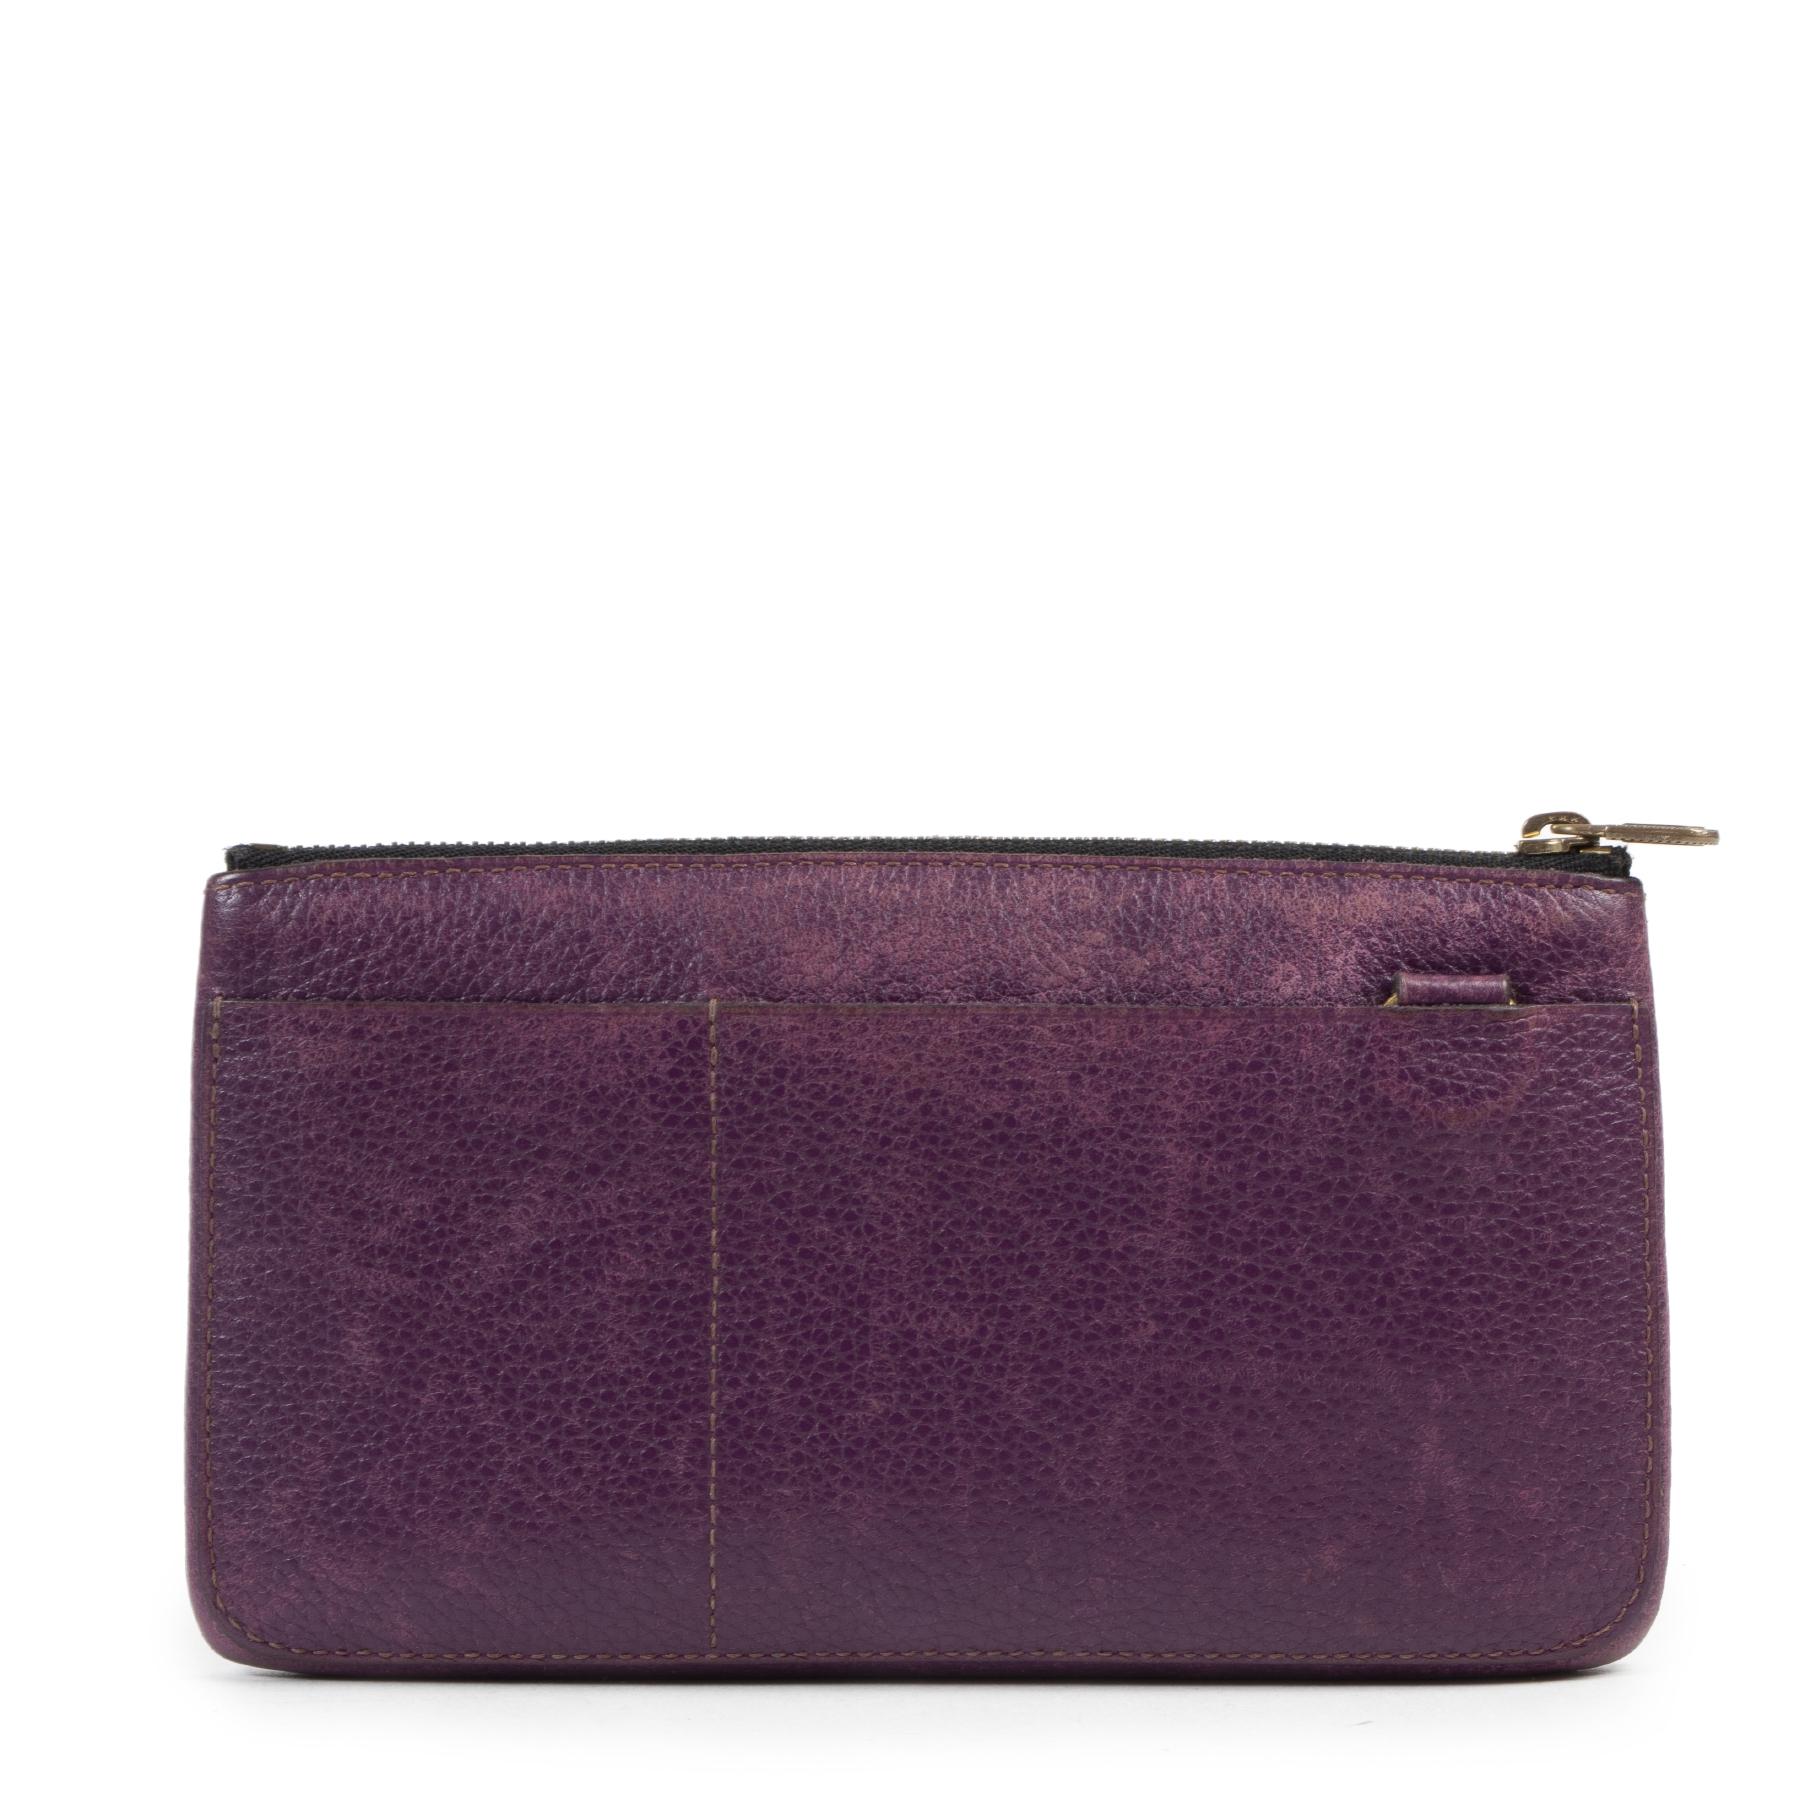 Authentieke Tweedehands Delvaux Purple Leather Pouch juiste prijs veilig online shoppen luxe merken webshop winkelen Antwerpen België mode fashion